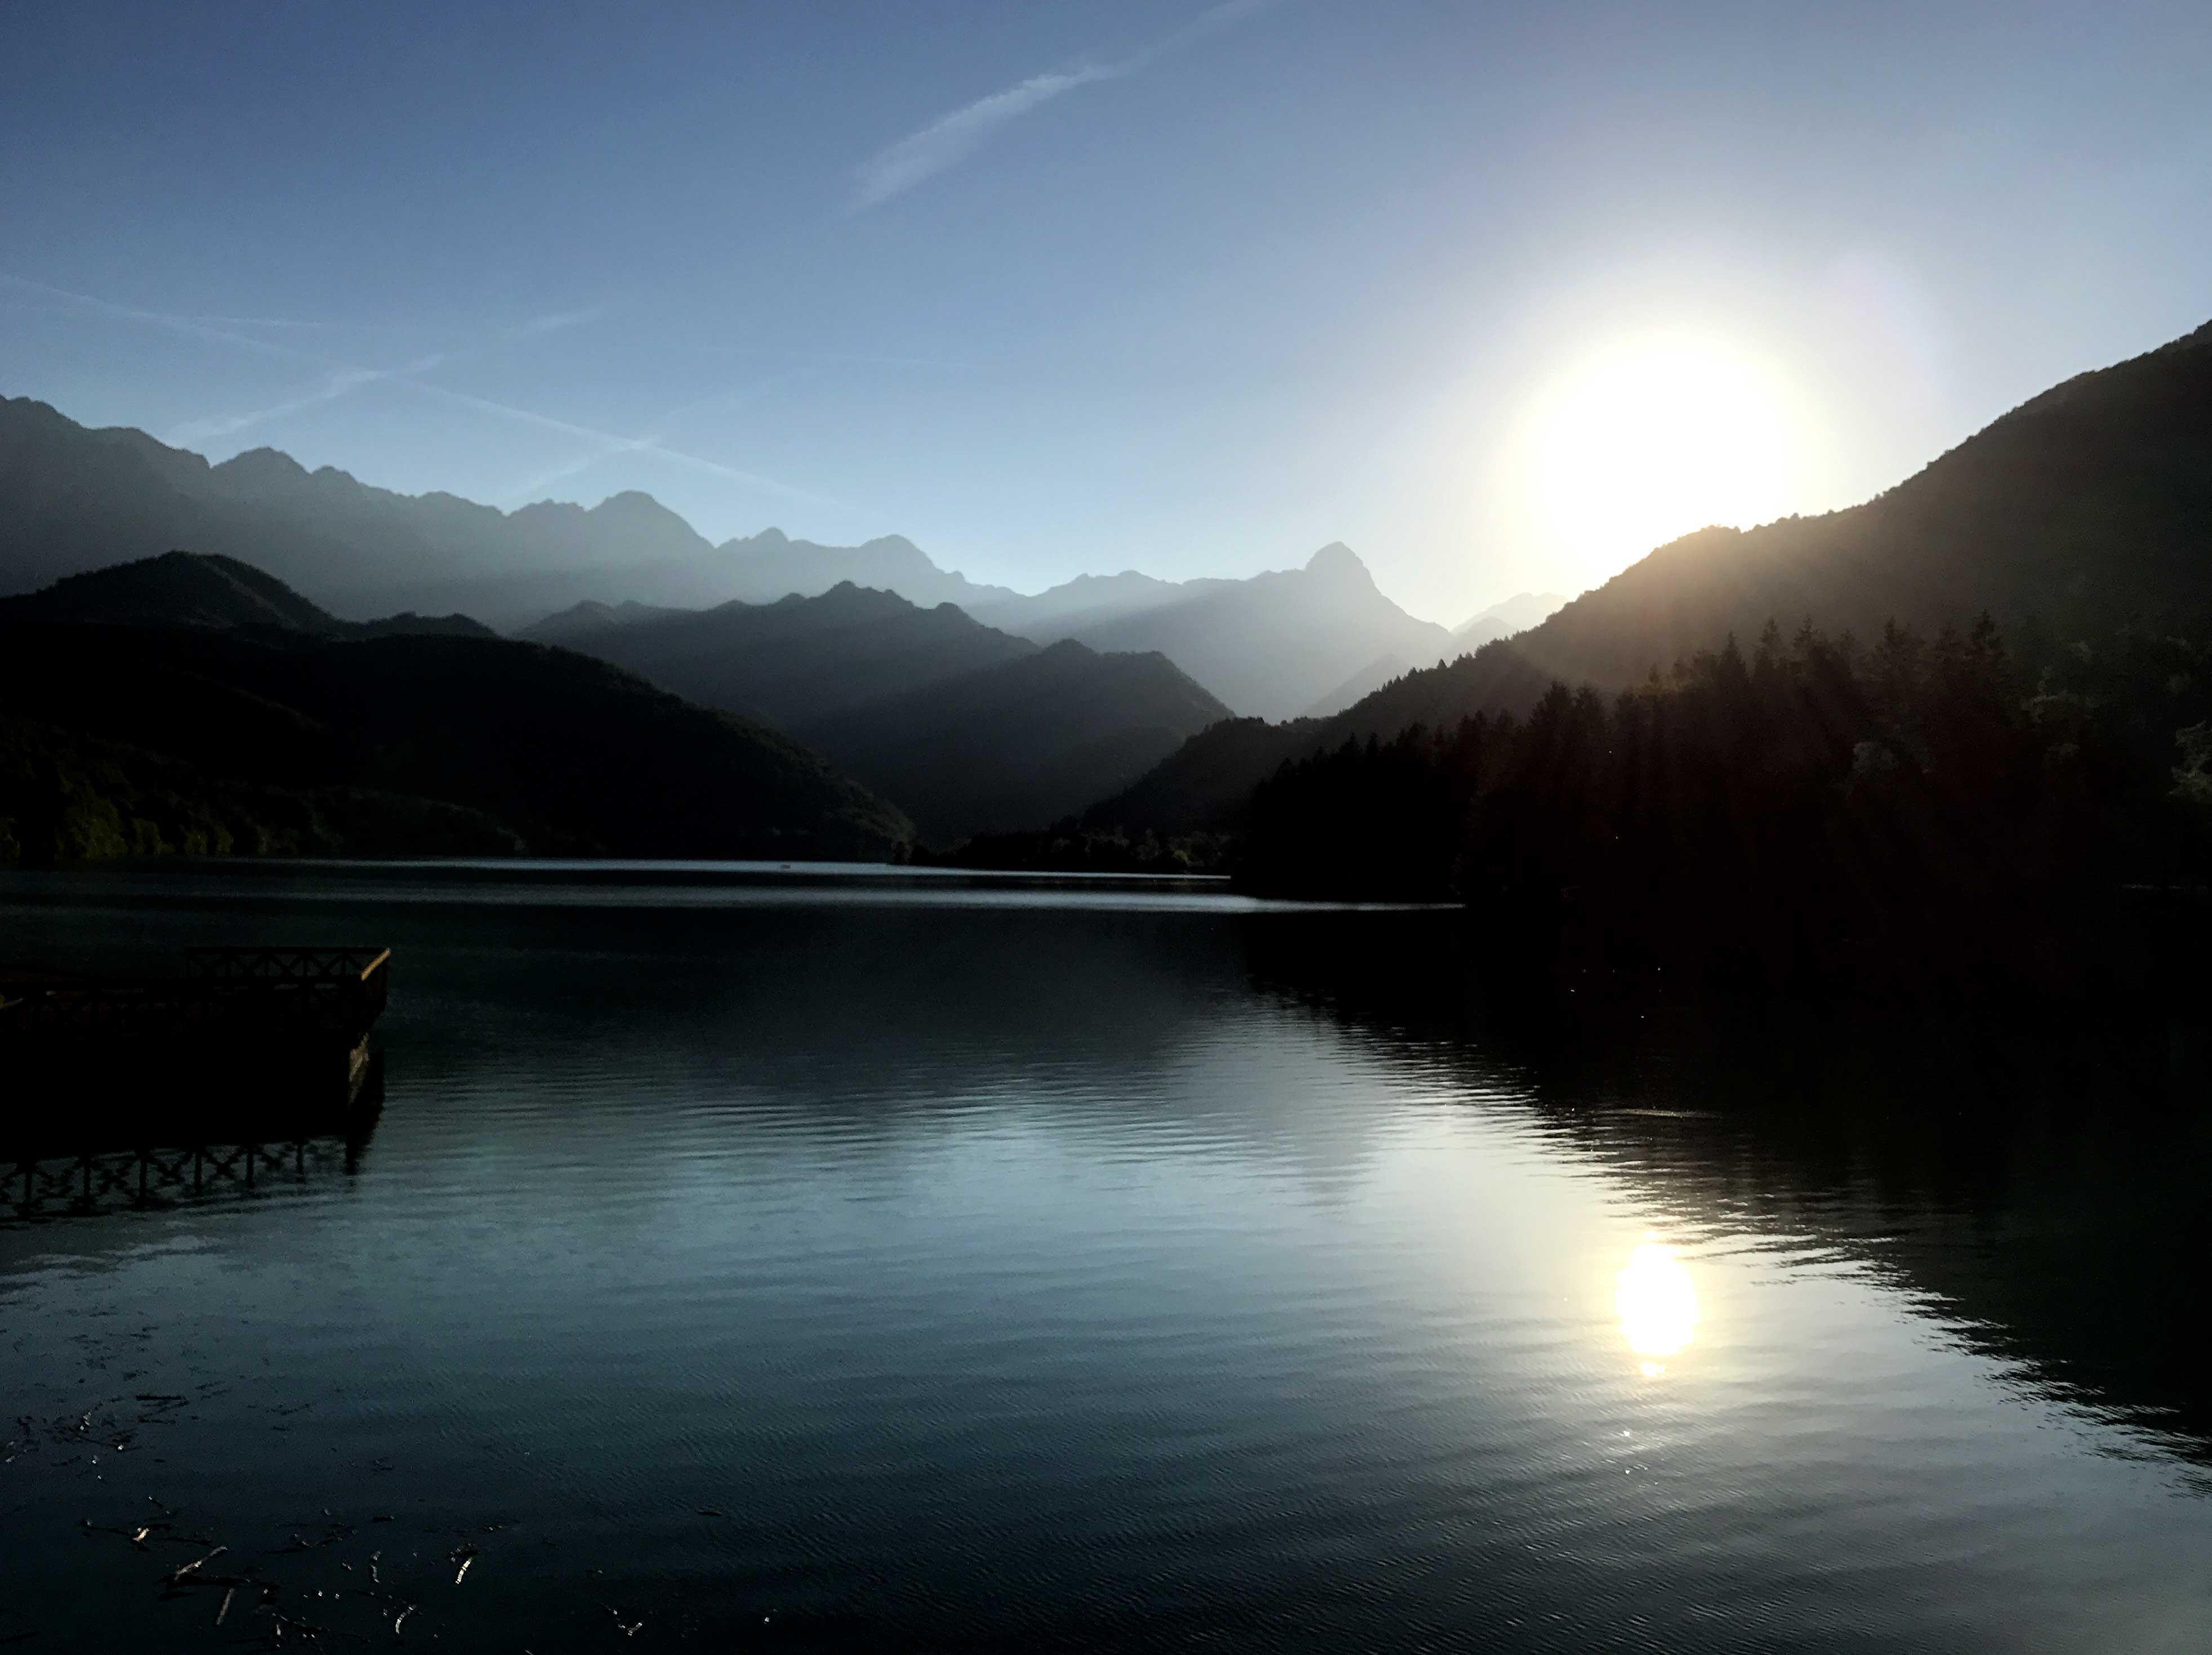 Barcis See mit Wald und Bergen